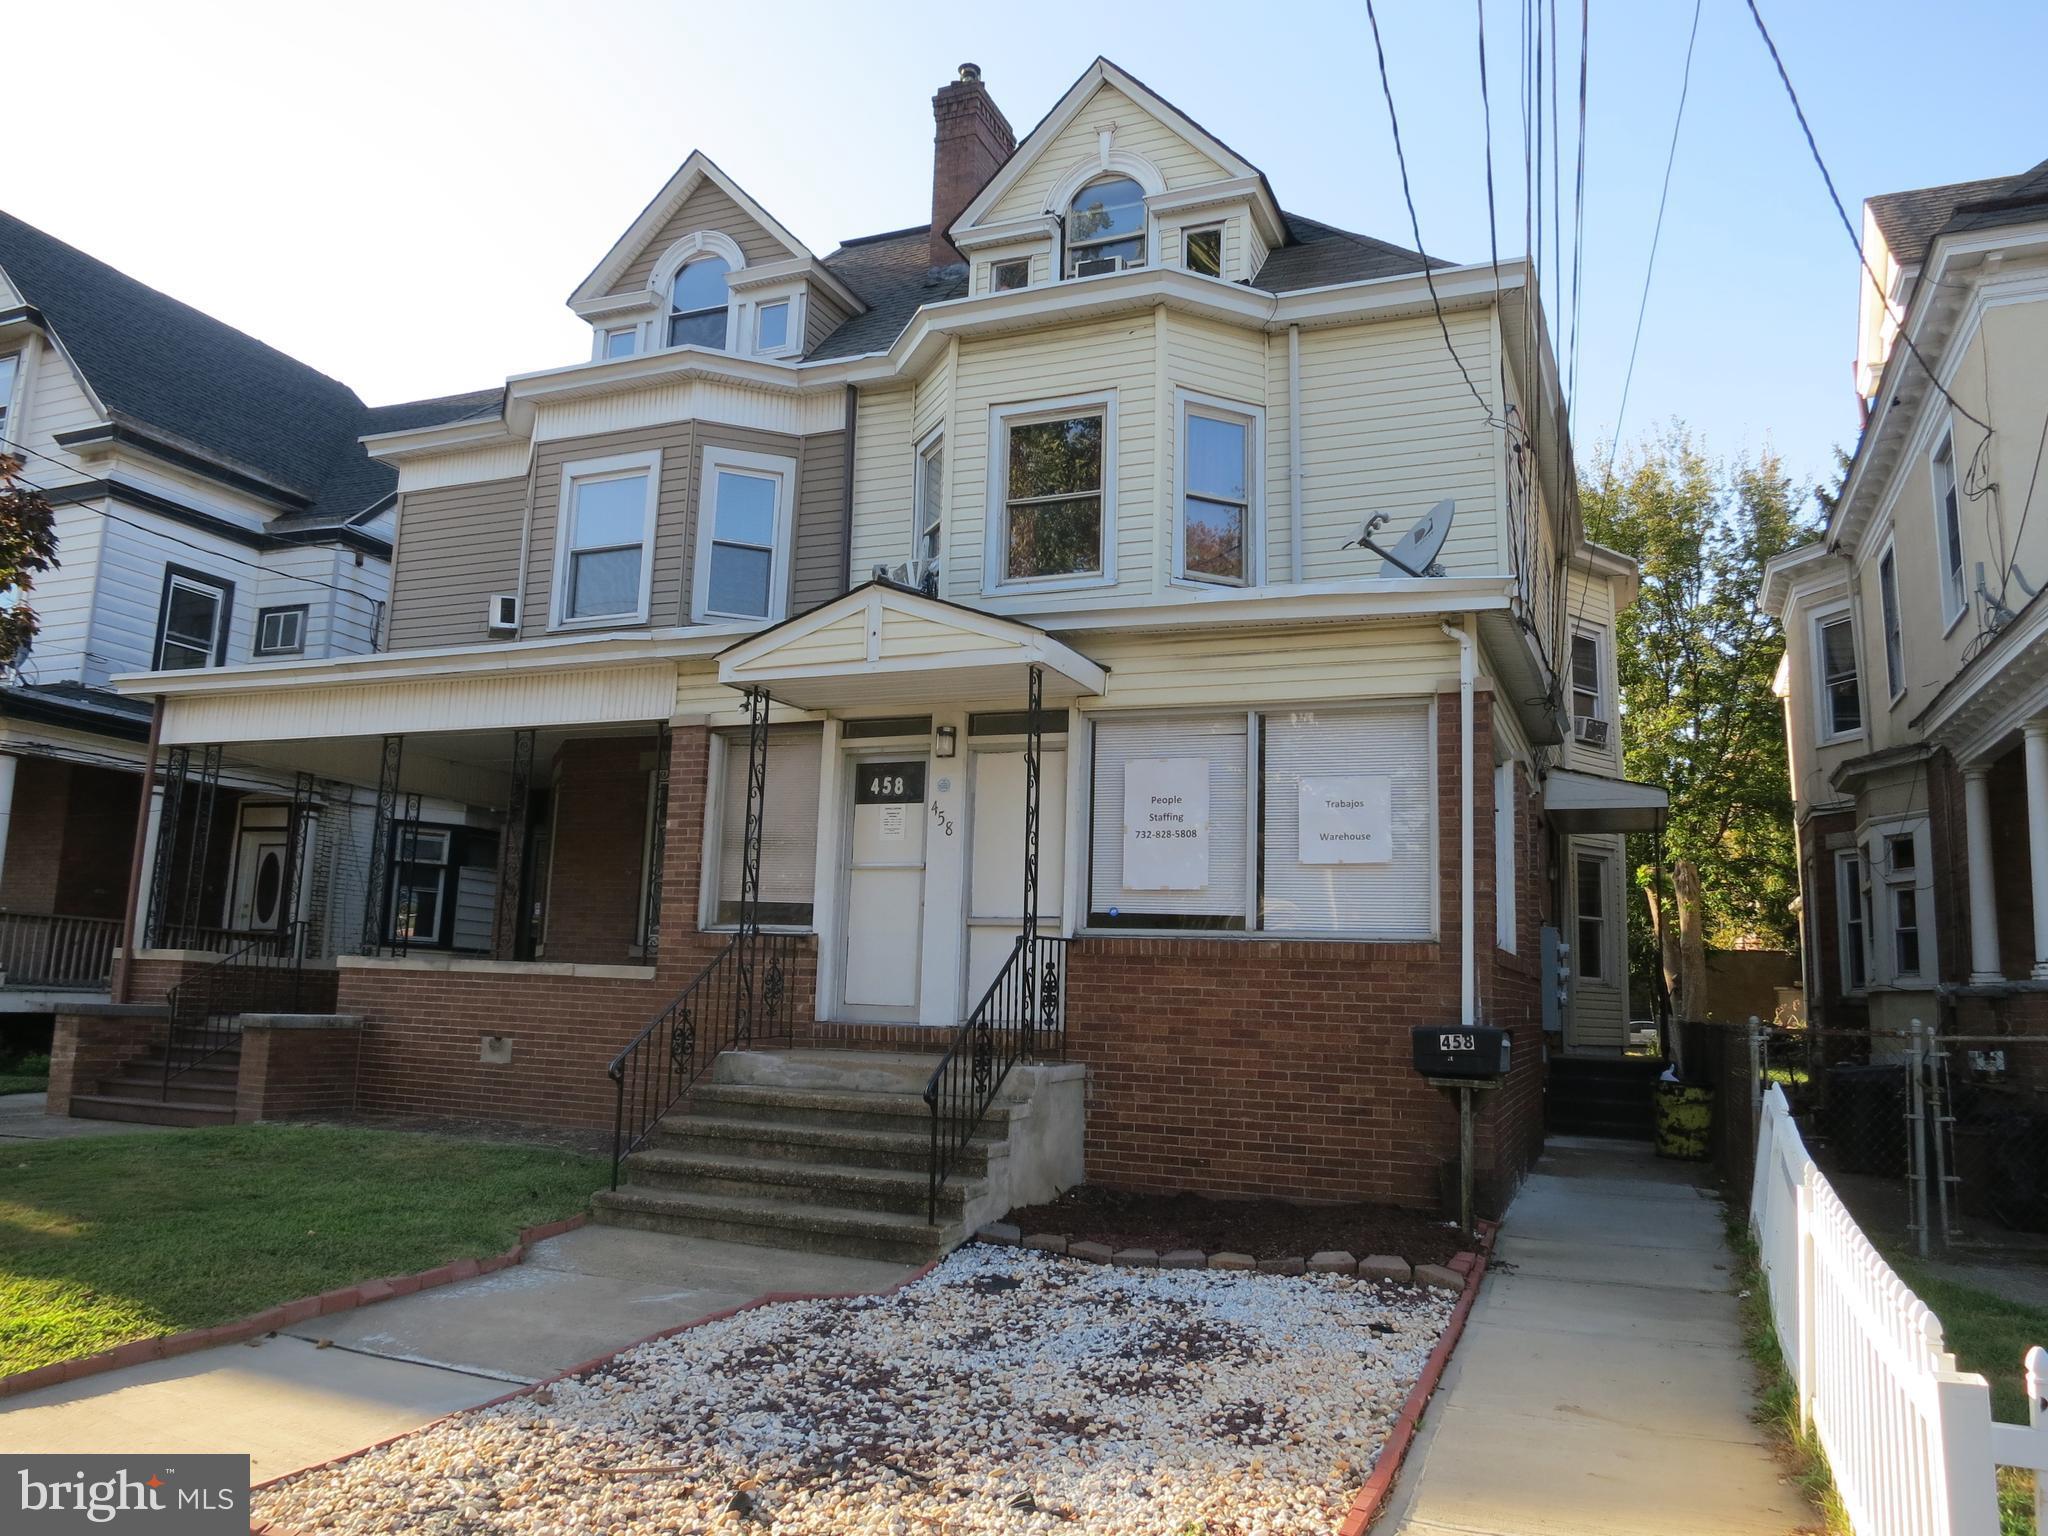 458 HAMILTON AVENUE, TRENTON, NJ 08609